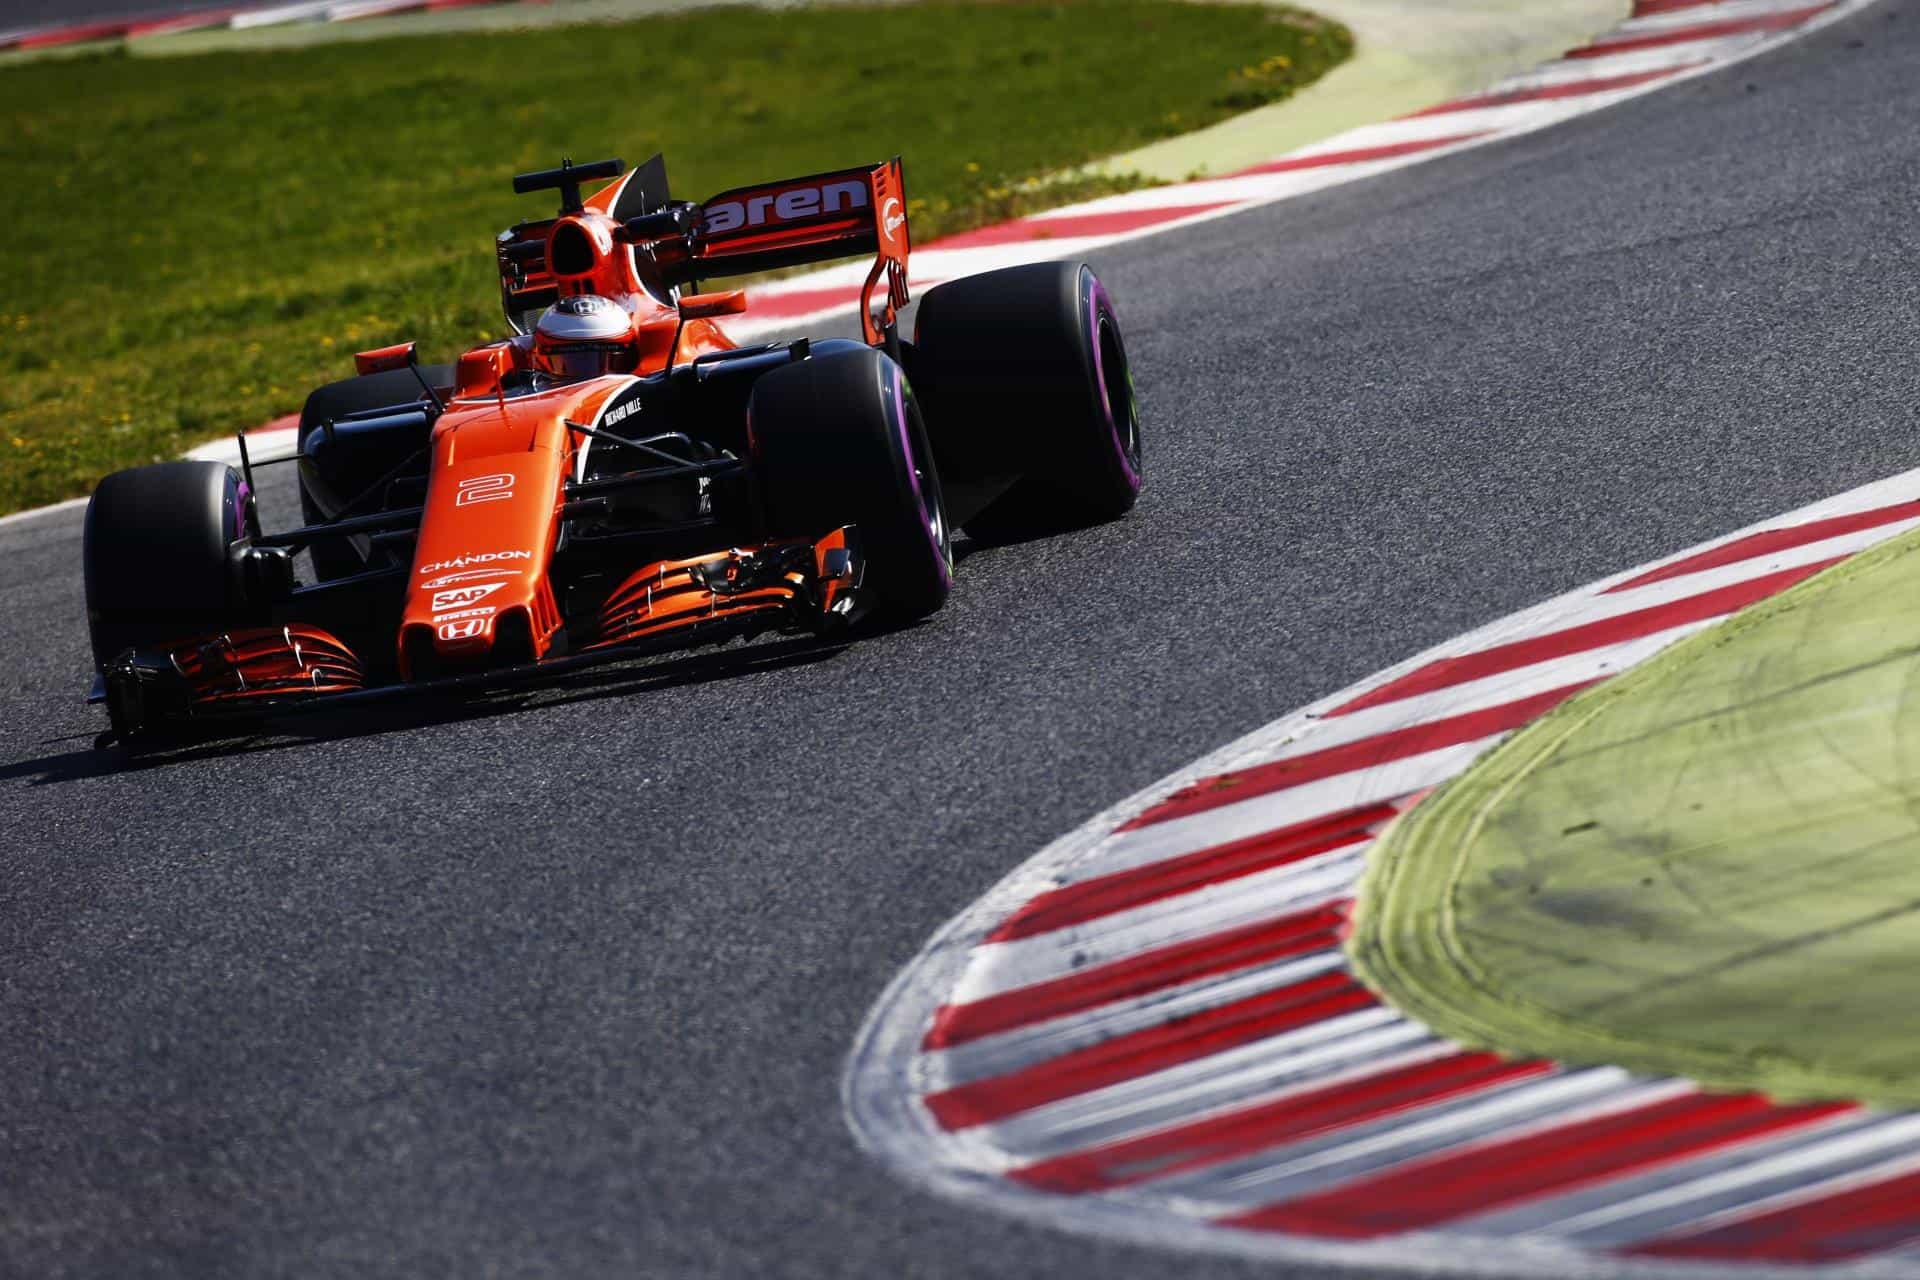 Vandoorne McLaren Honda MCL32 ultrasoft Barcelona testing F1 2017 Foto McLaren